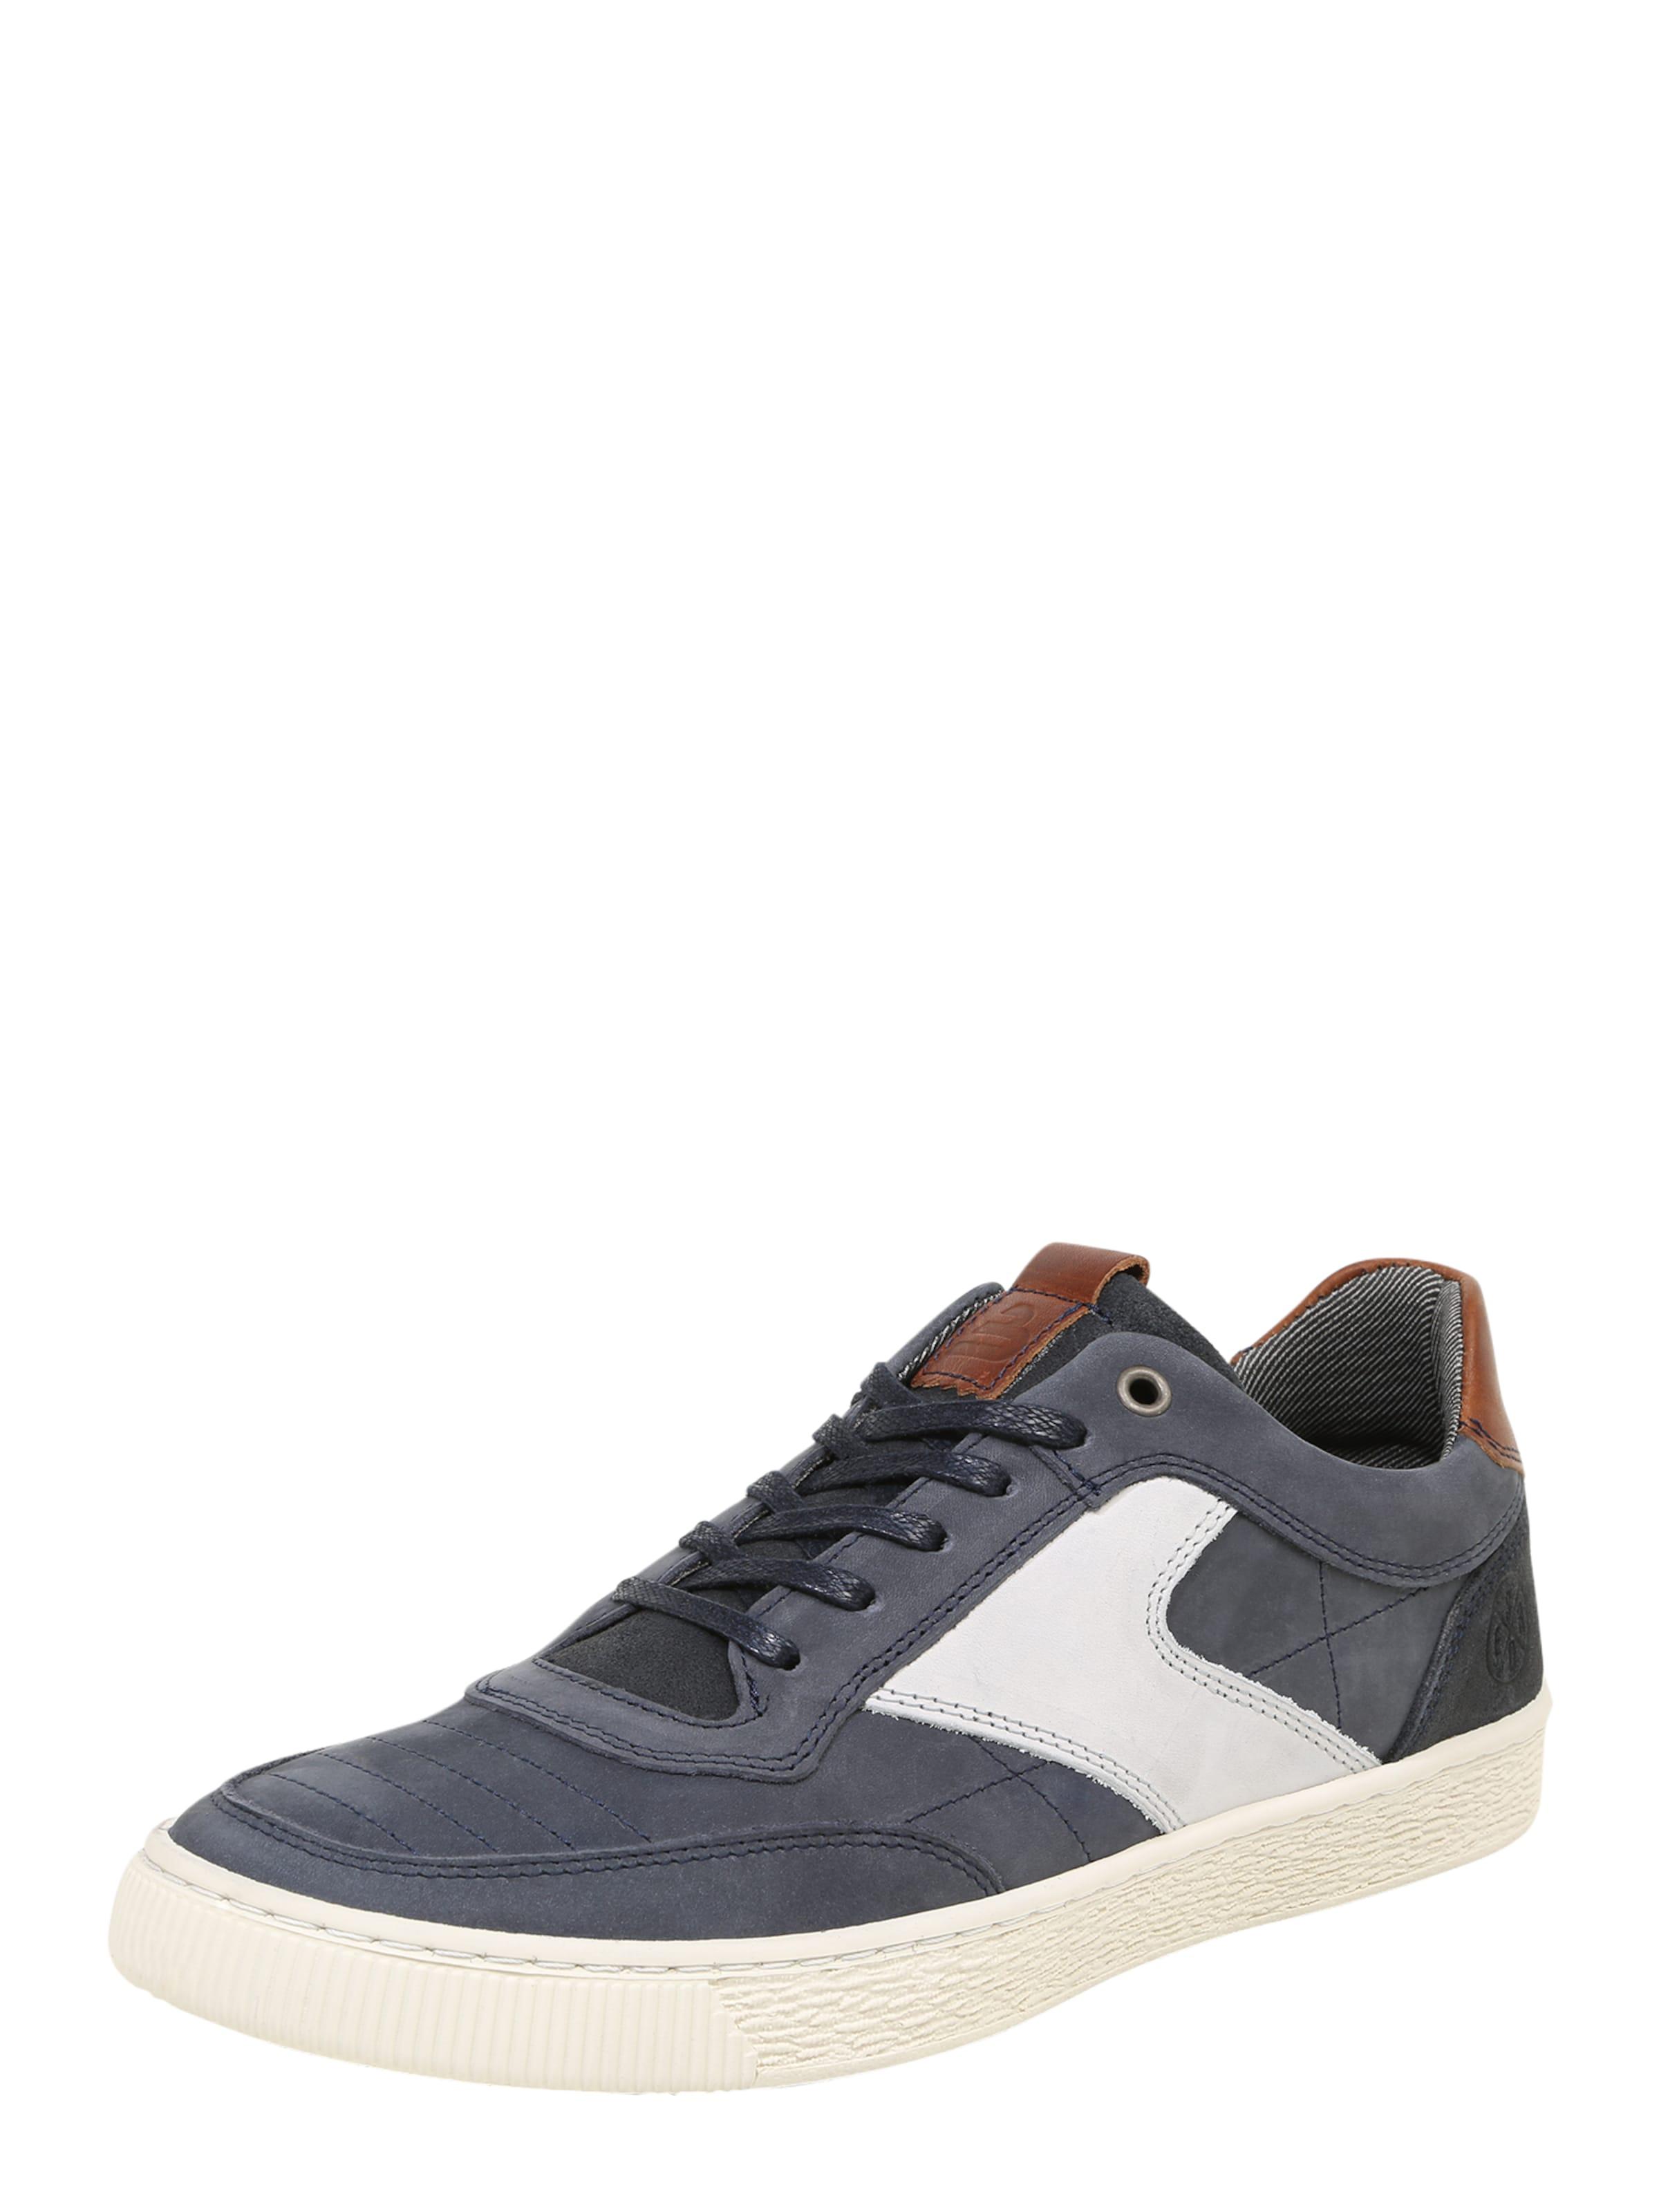 BULLBOXER Hochwertige Sneaker Verschleißfeste billige Schuhe